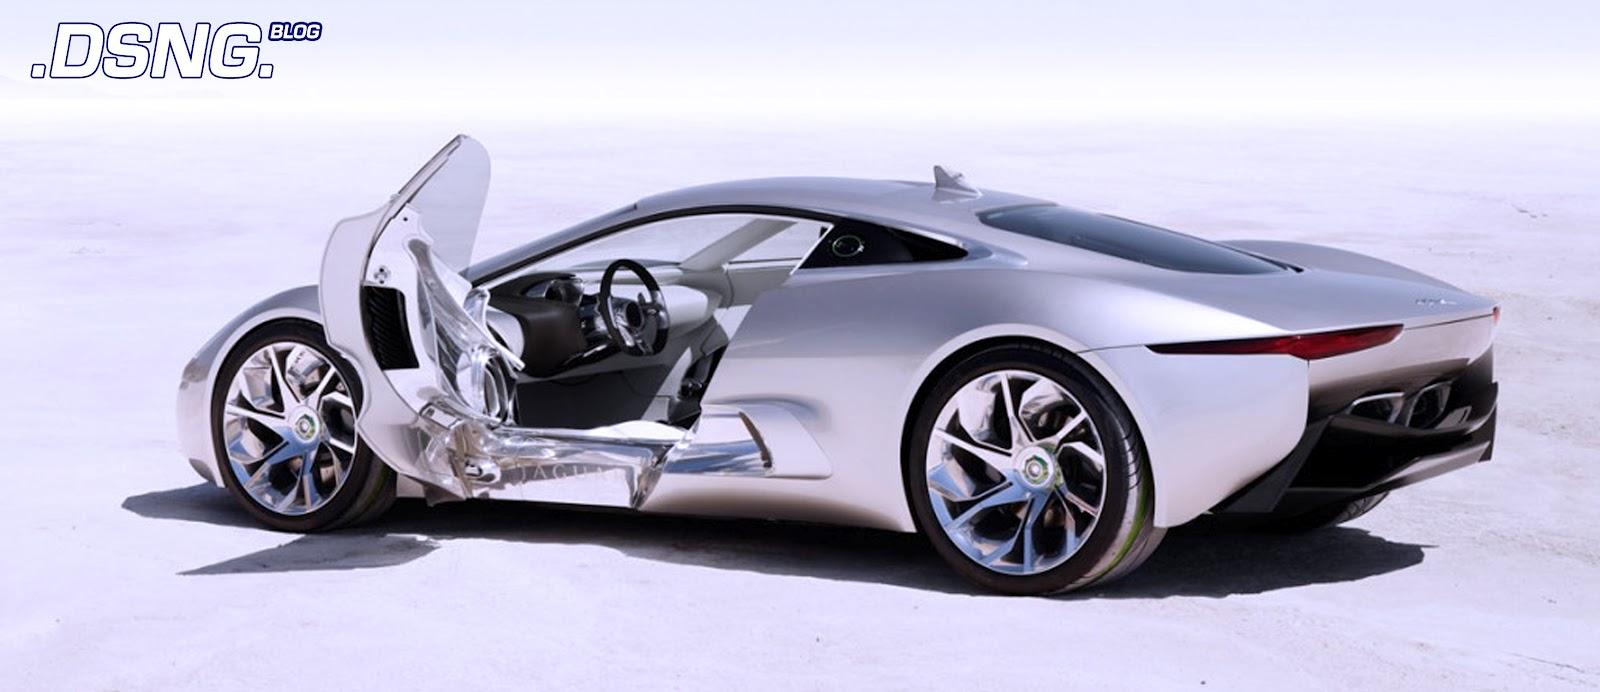 Jaguar Car Company Founded